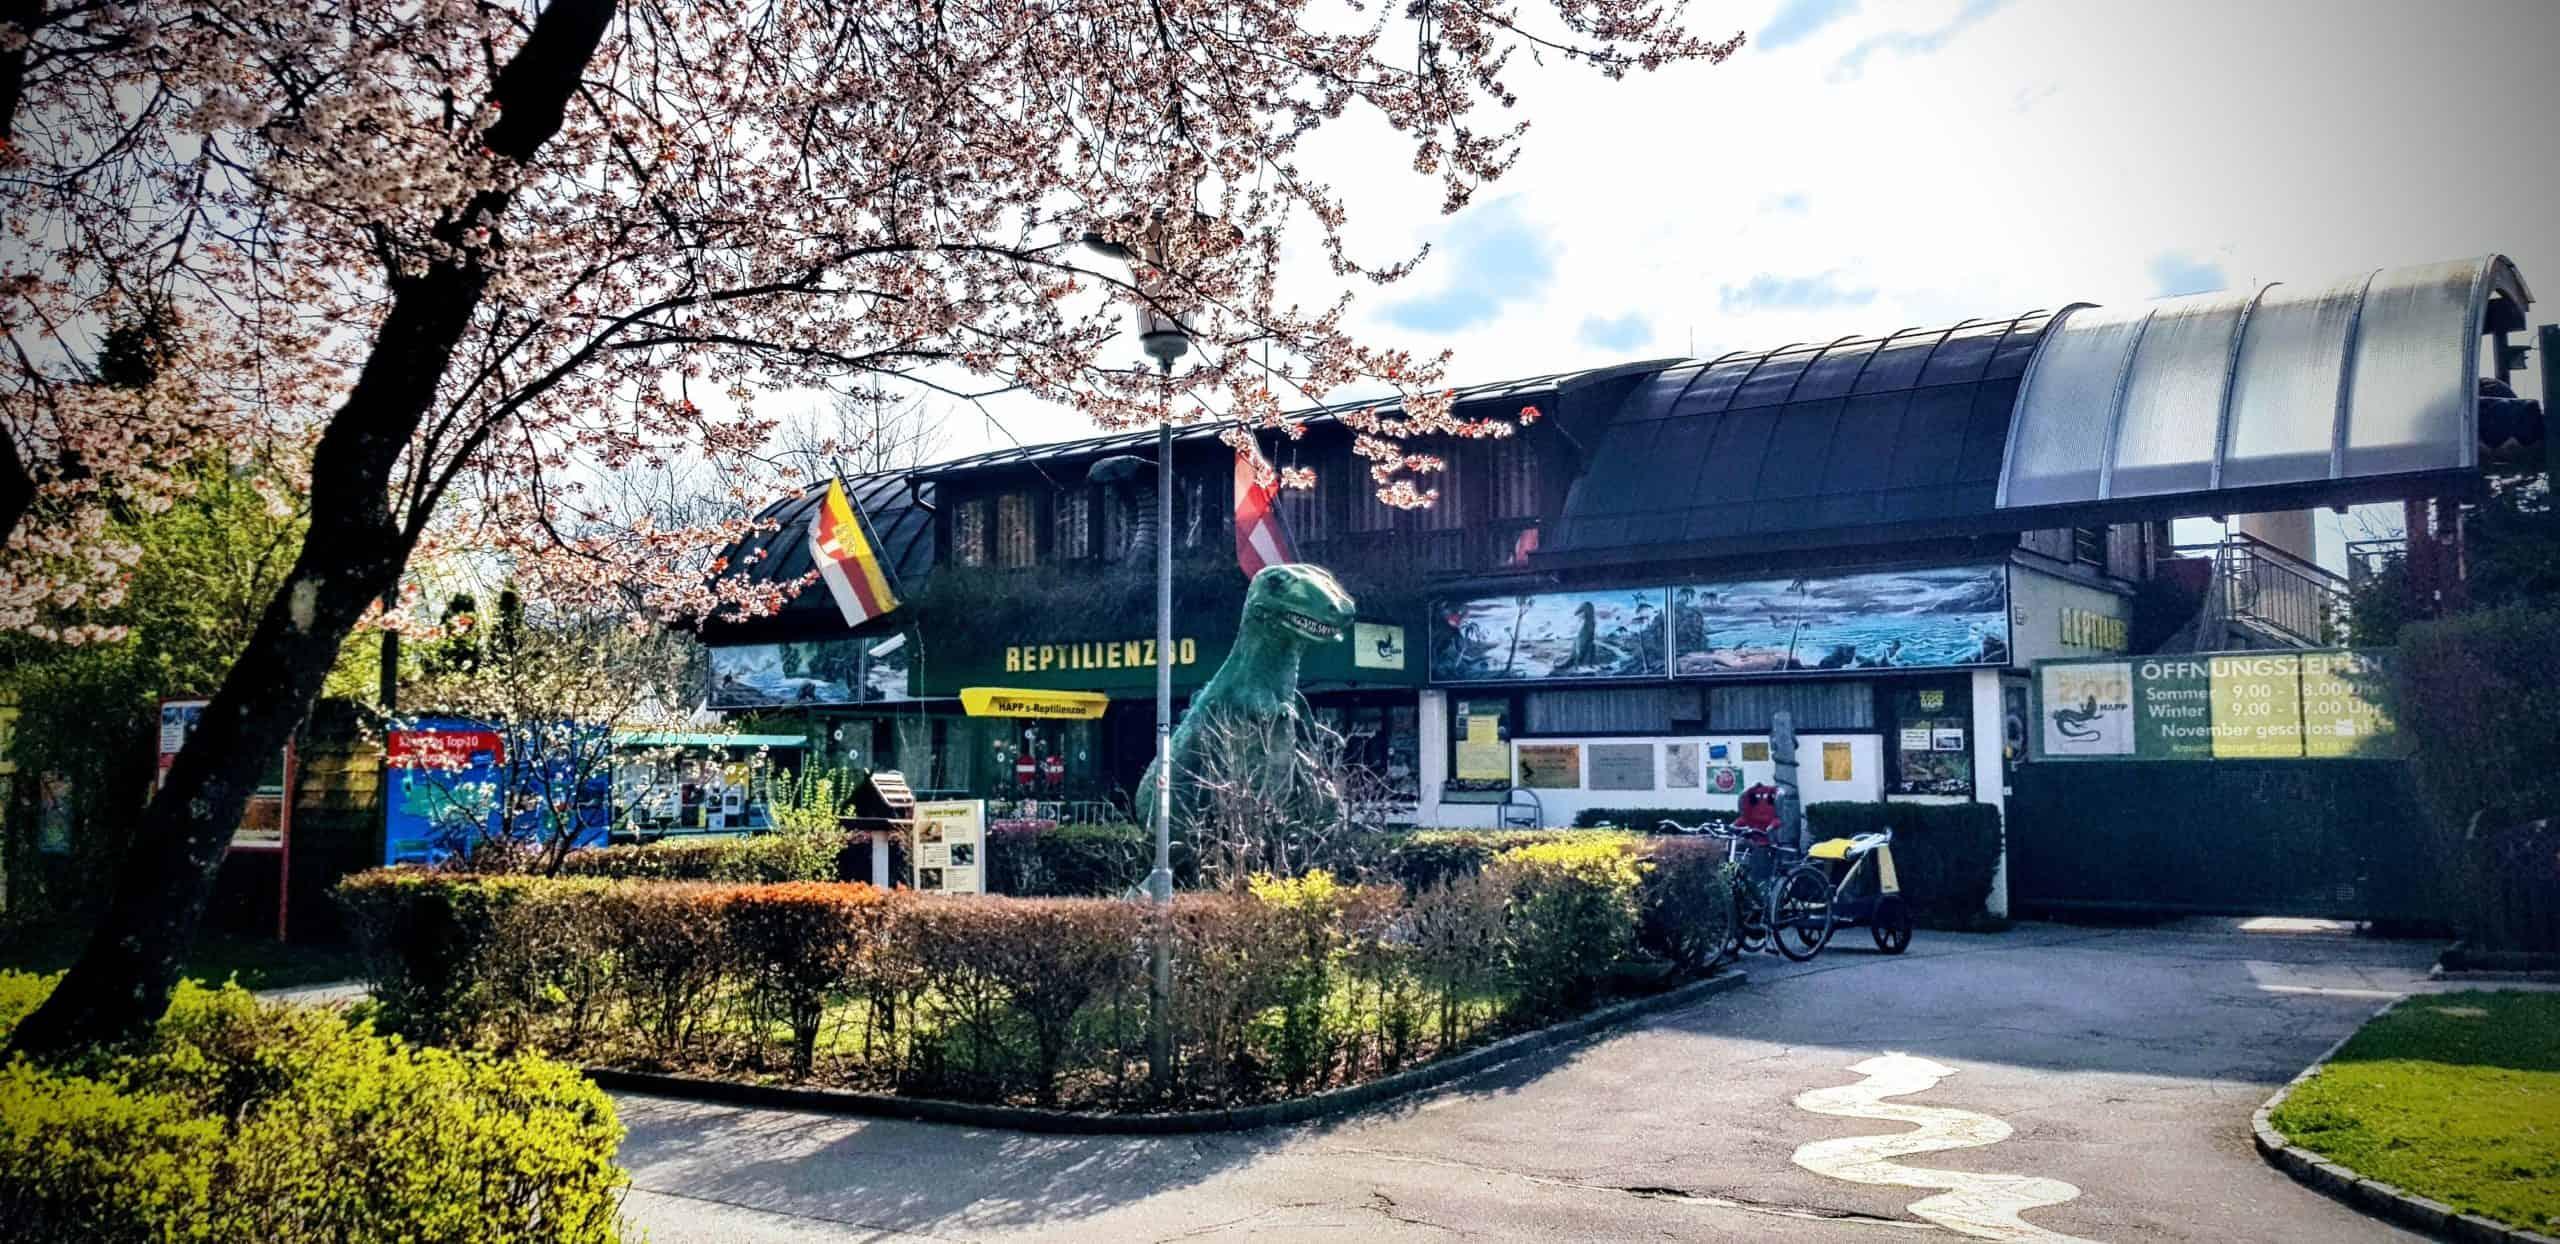 Ausflugsziel Reptilienzoo Happ in Klagenfurt am Wörthersee mit Dinosaurierpark und Schlangenvorführungen